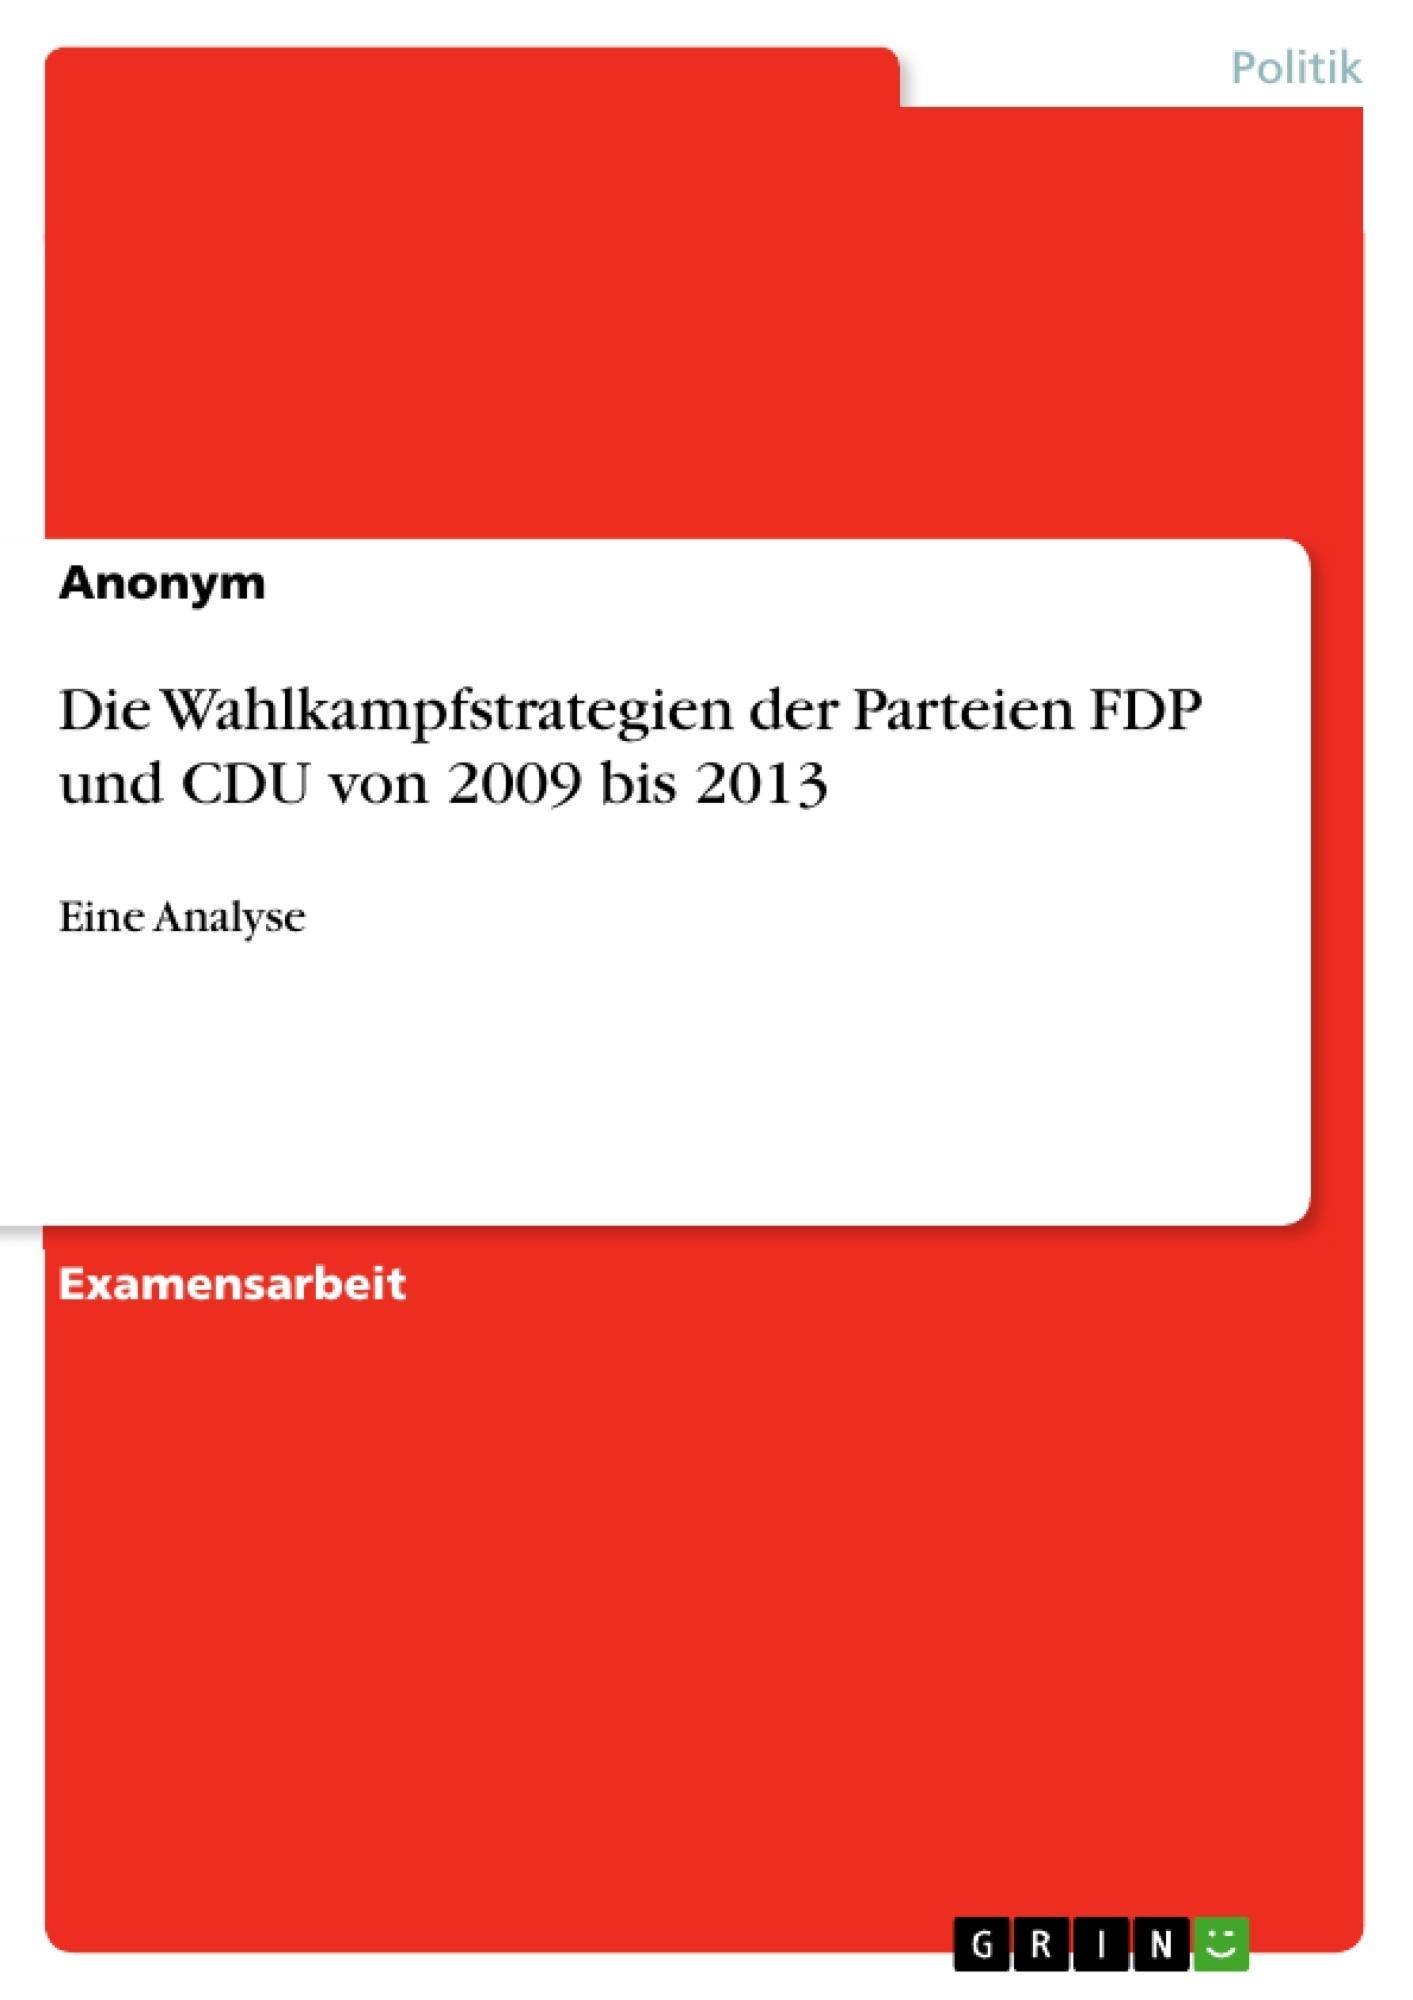 Titel: Die Wahlkampfstrategien der Parteien FDP und CDU von 2009 bis 2013